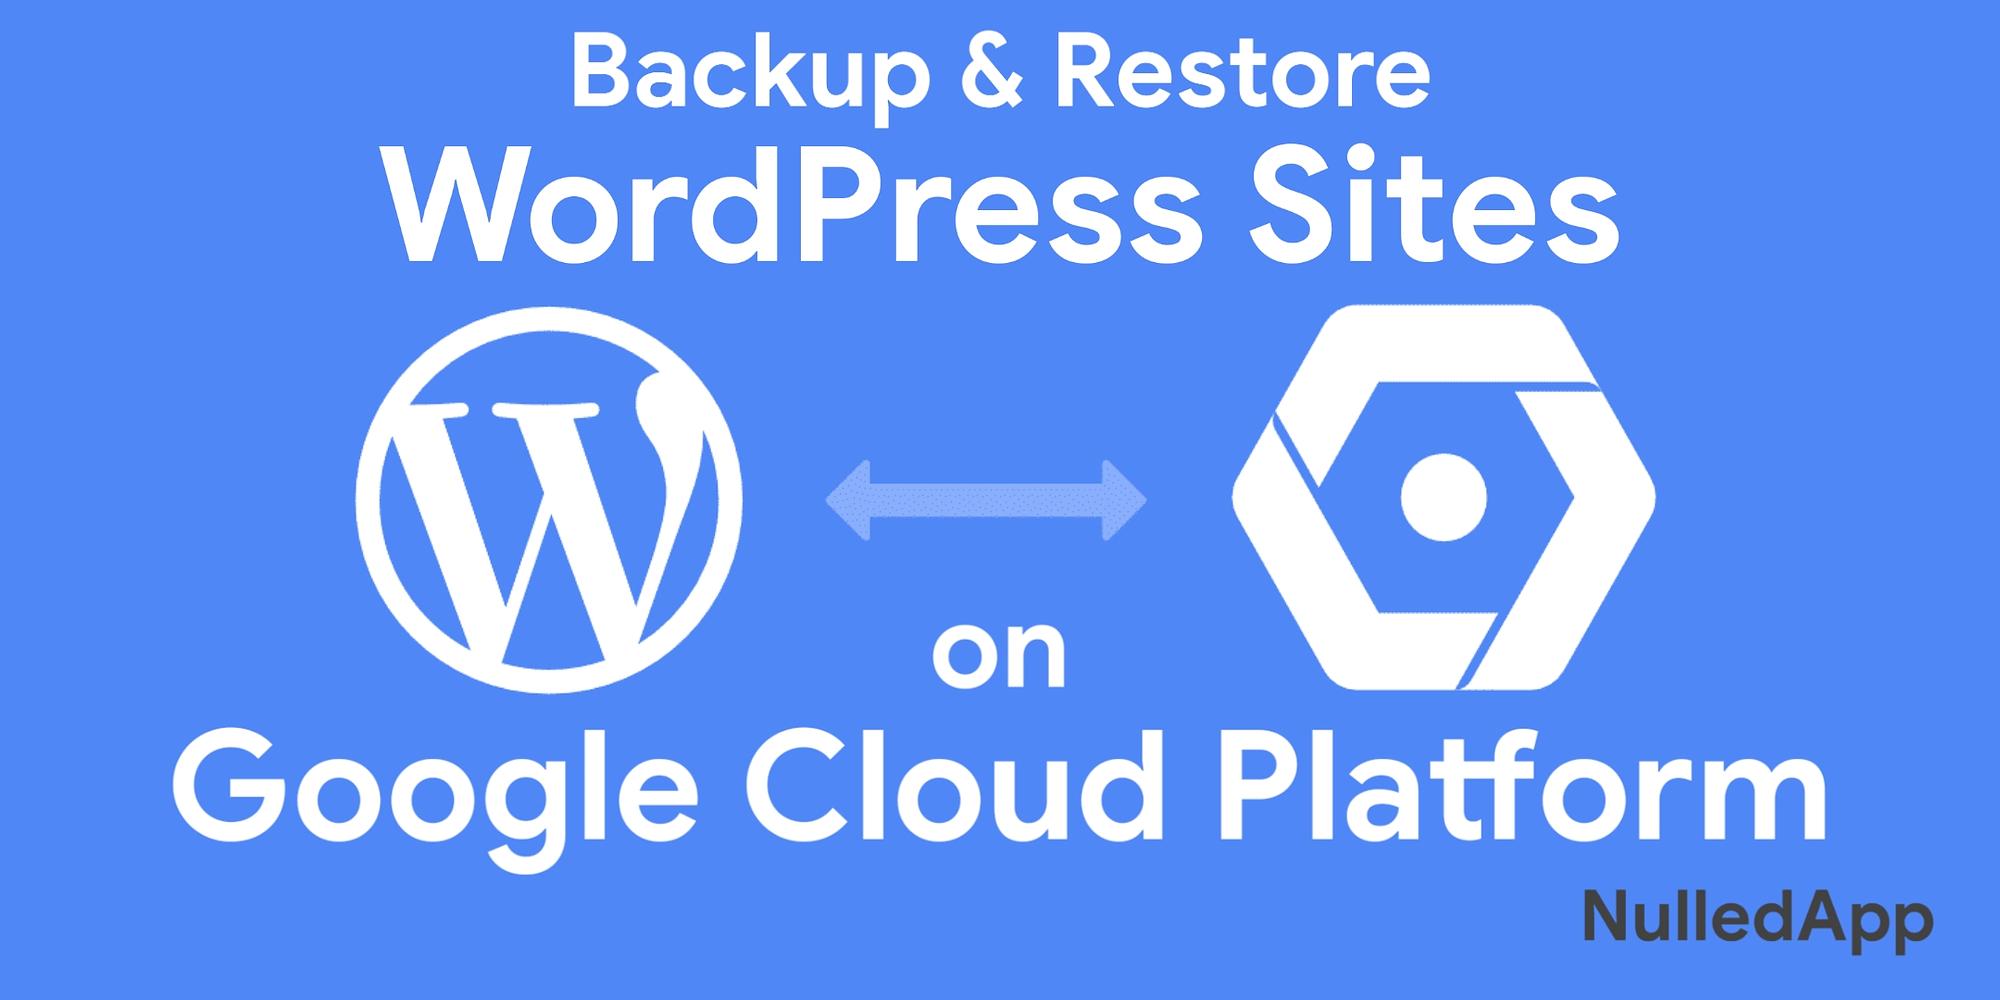 backup-restore-websites-on-google-cloud